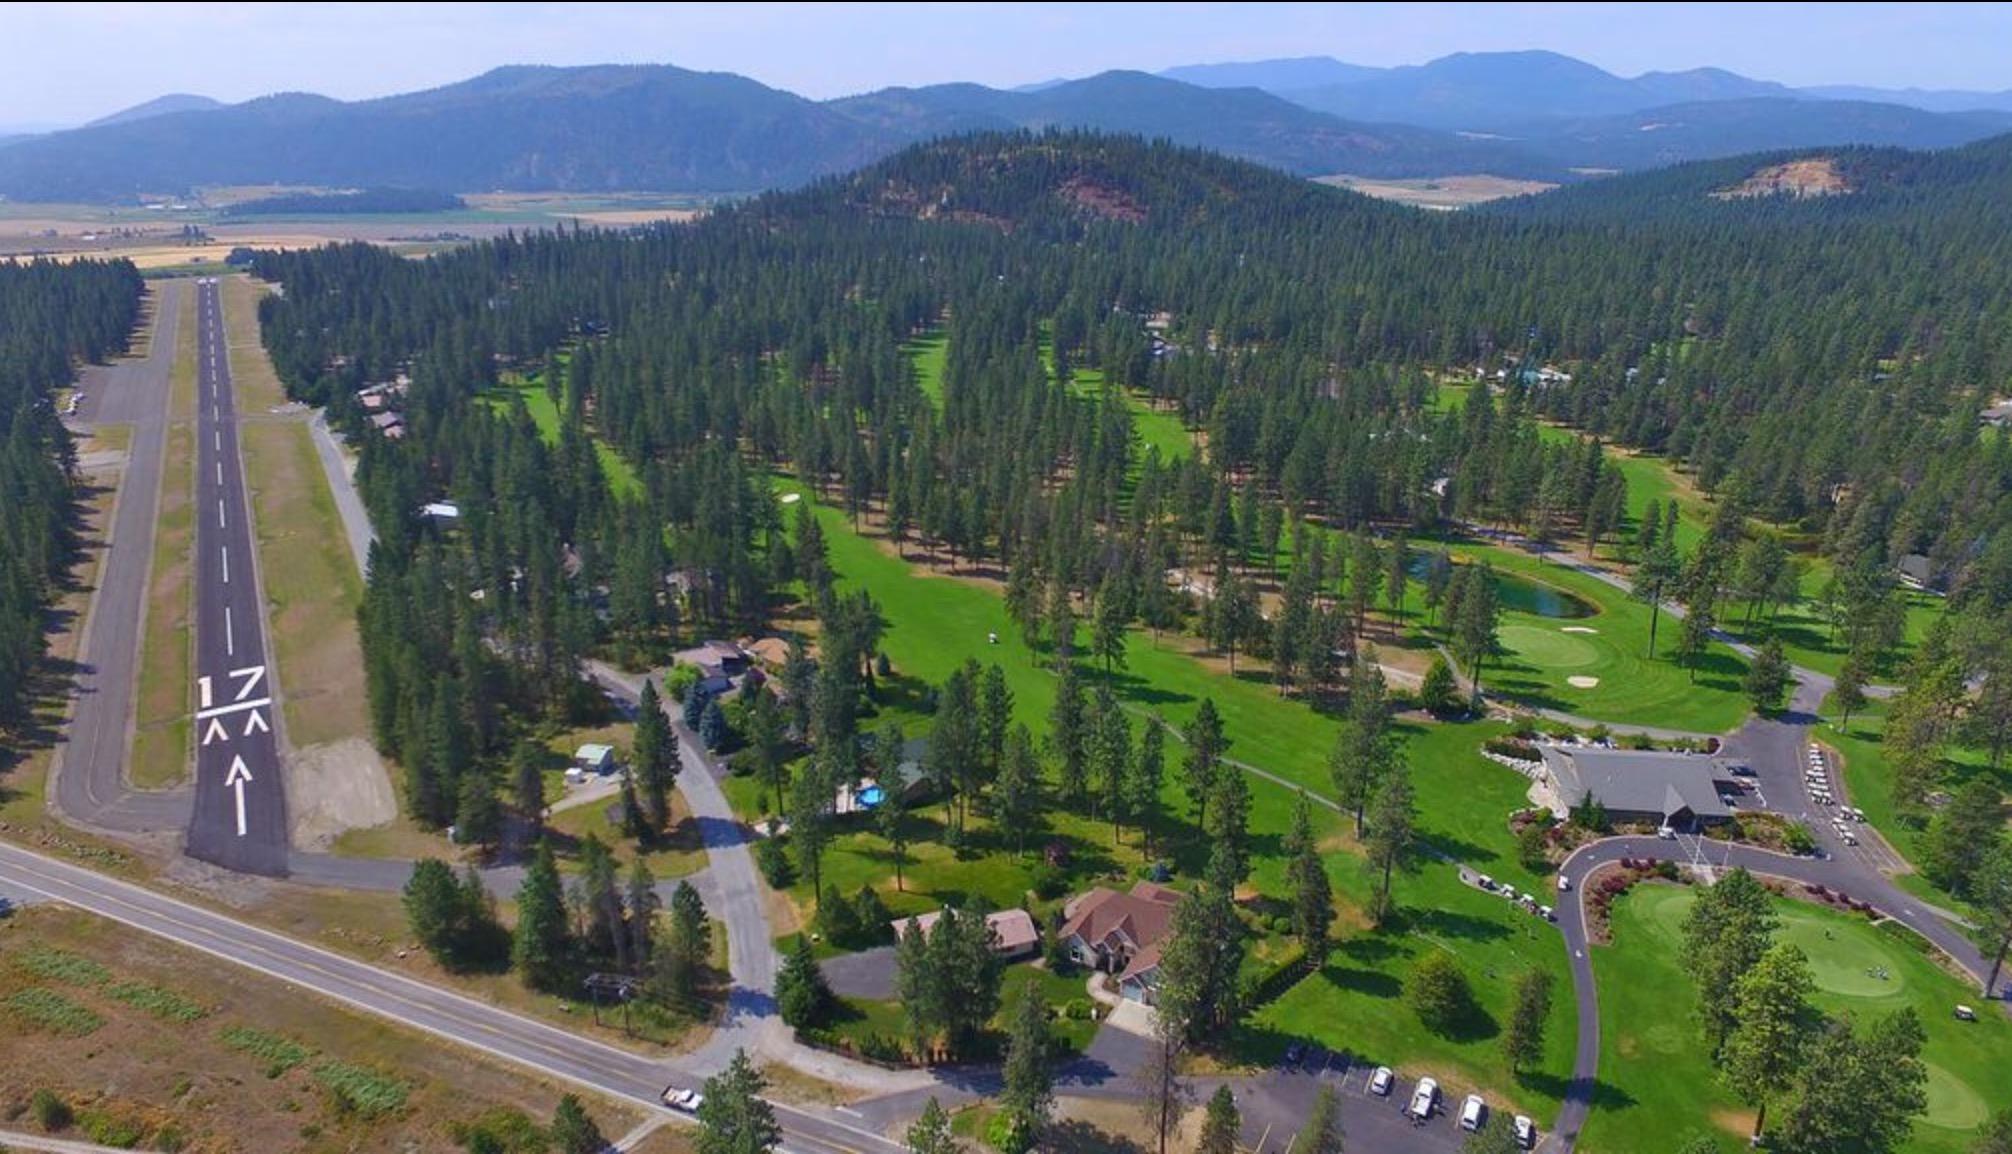 CG&CC Aerial view